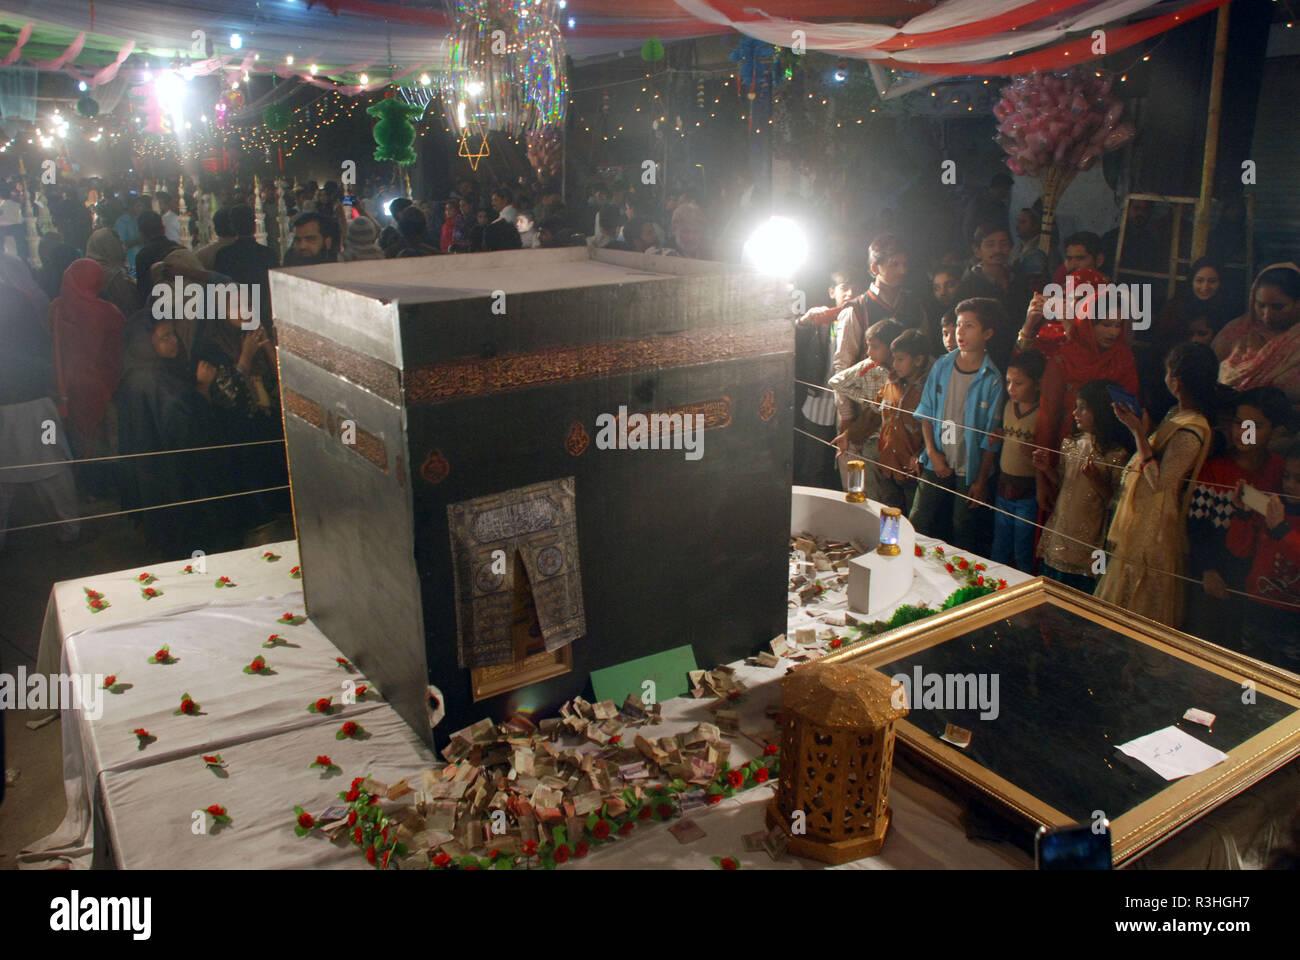 Pakistani people watching models of Masjid-e-Nabvi, Khana